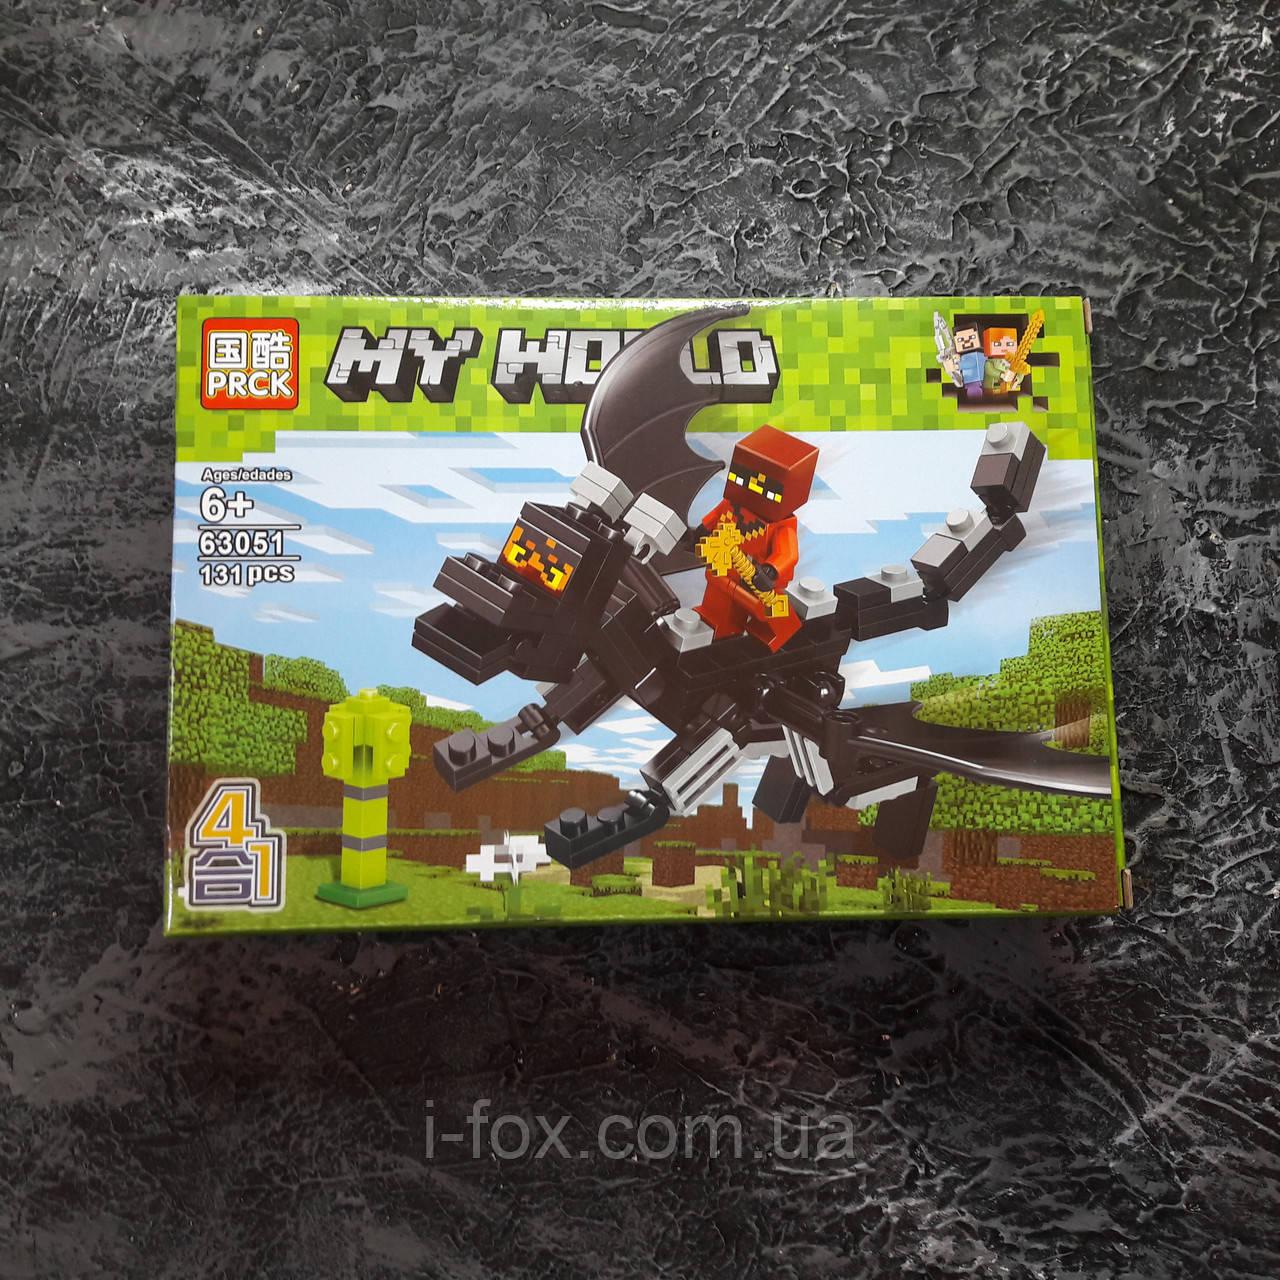 Конструктор Minecraft всадник на драконе края 138 деталей